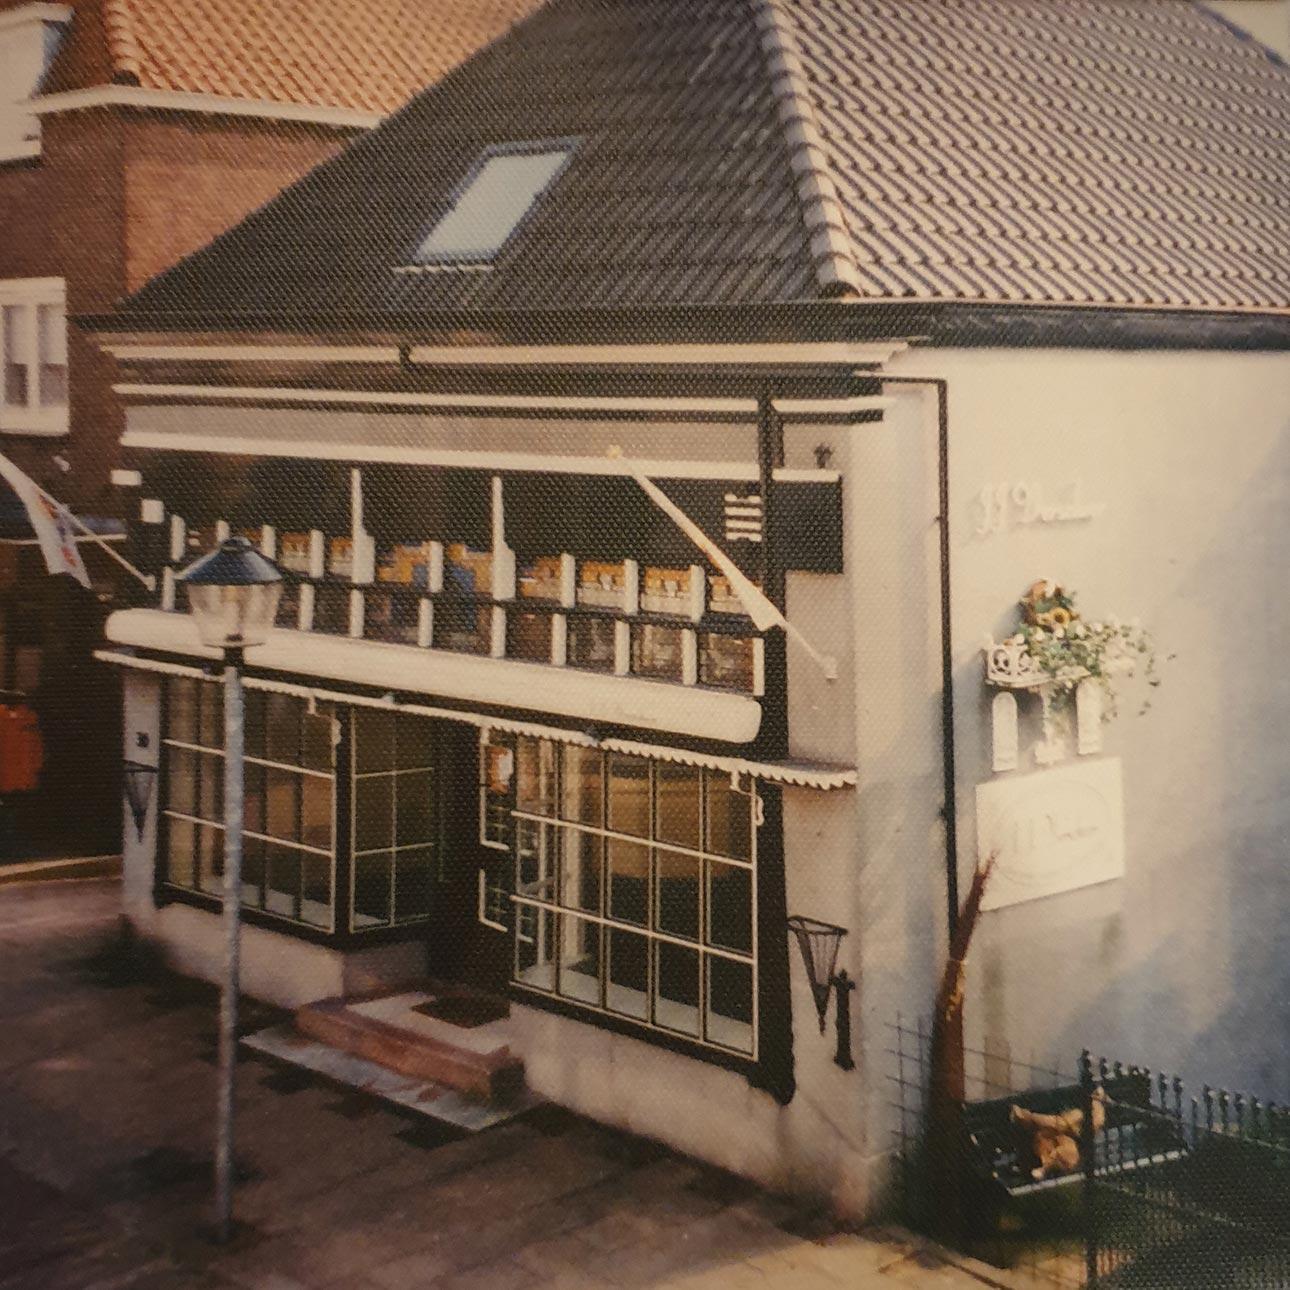 Oude showroom van Verschoor wonen, voor de woonboulevard in Sliedrecht.